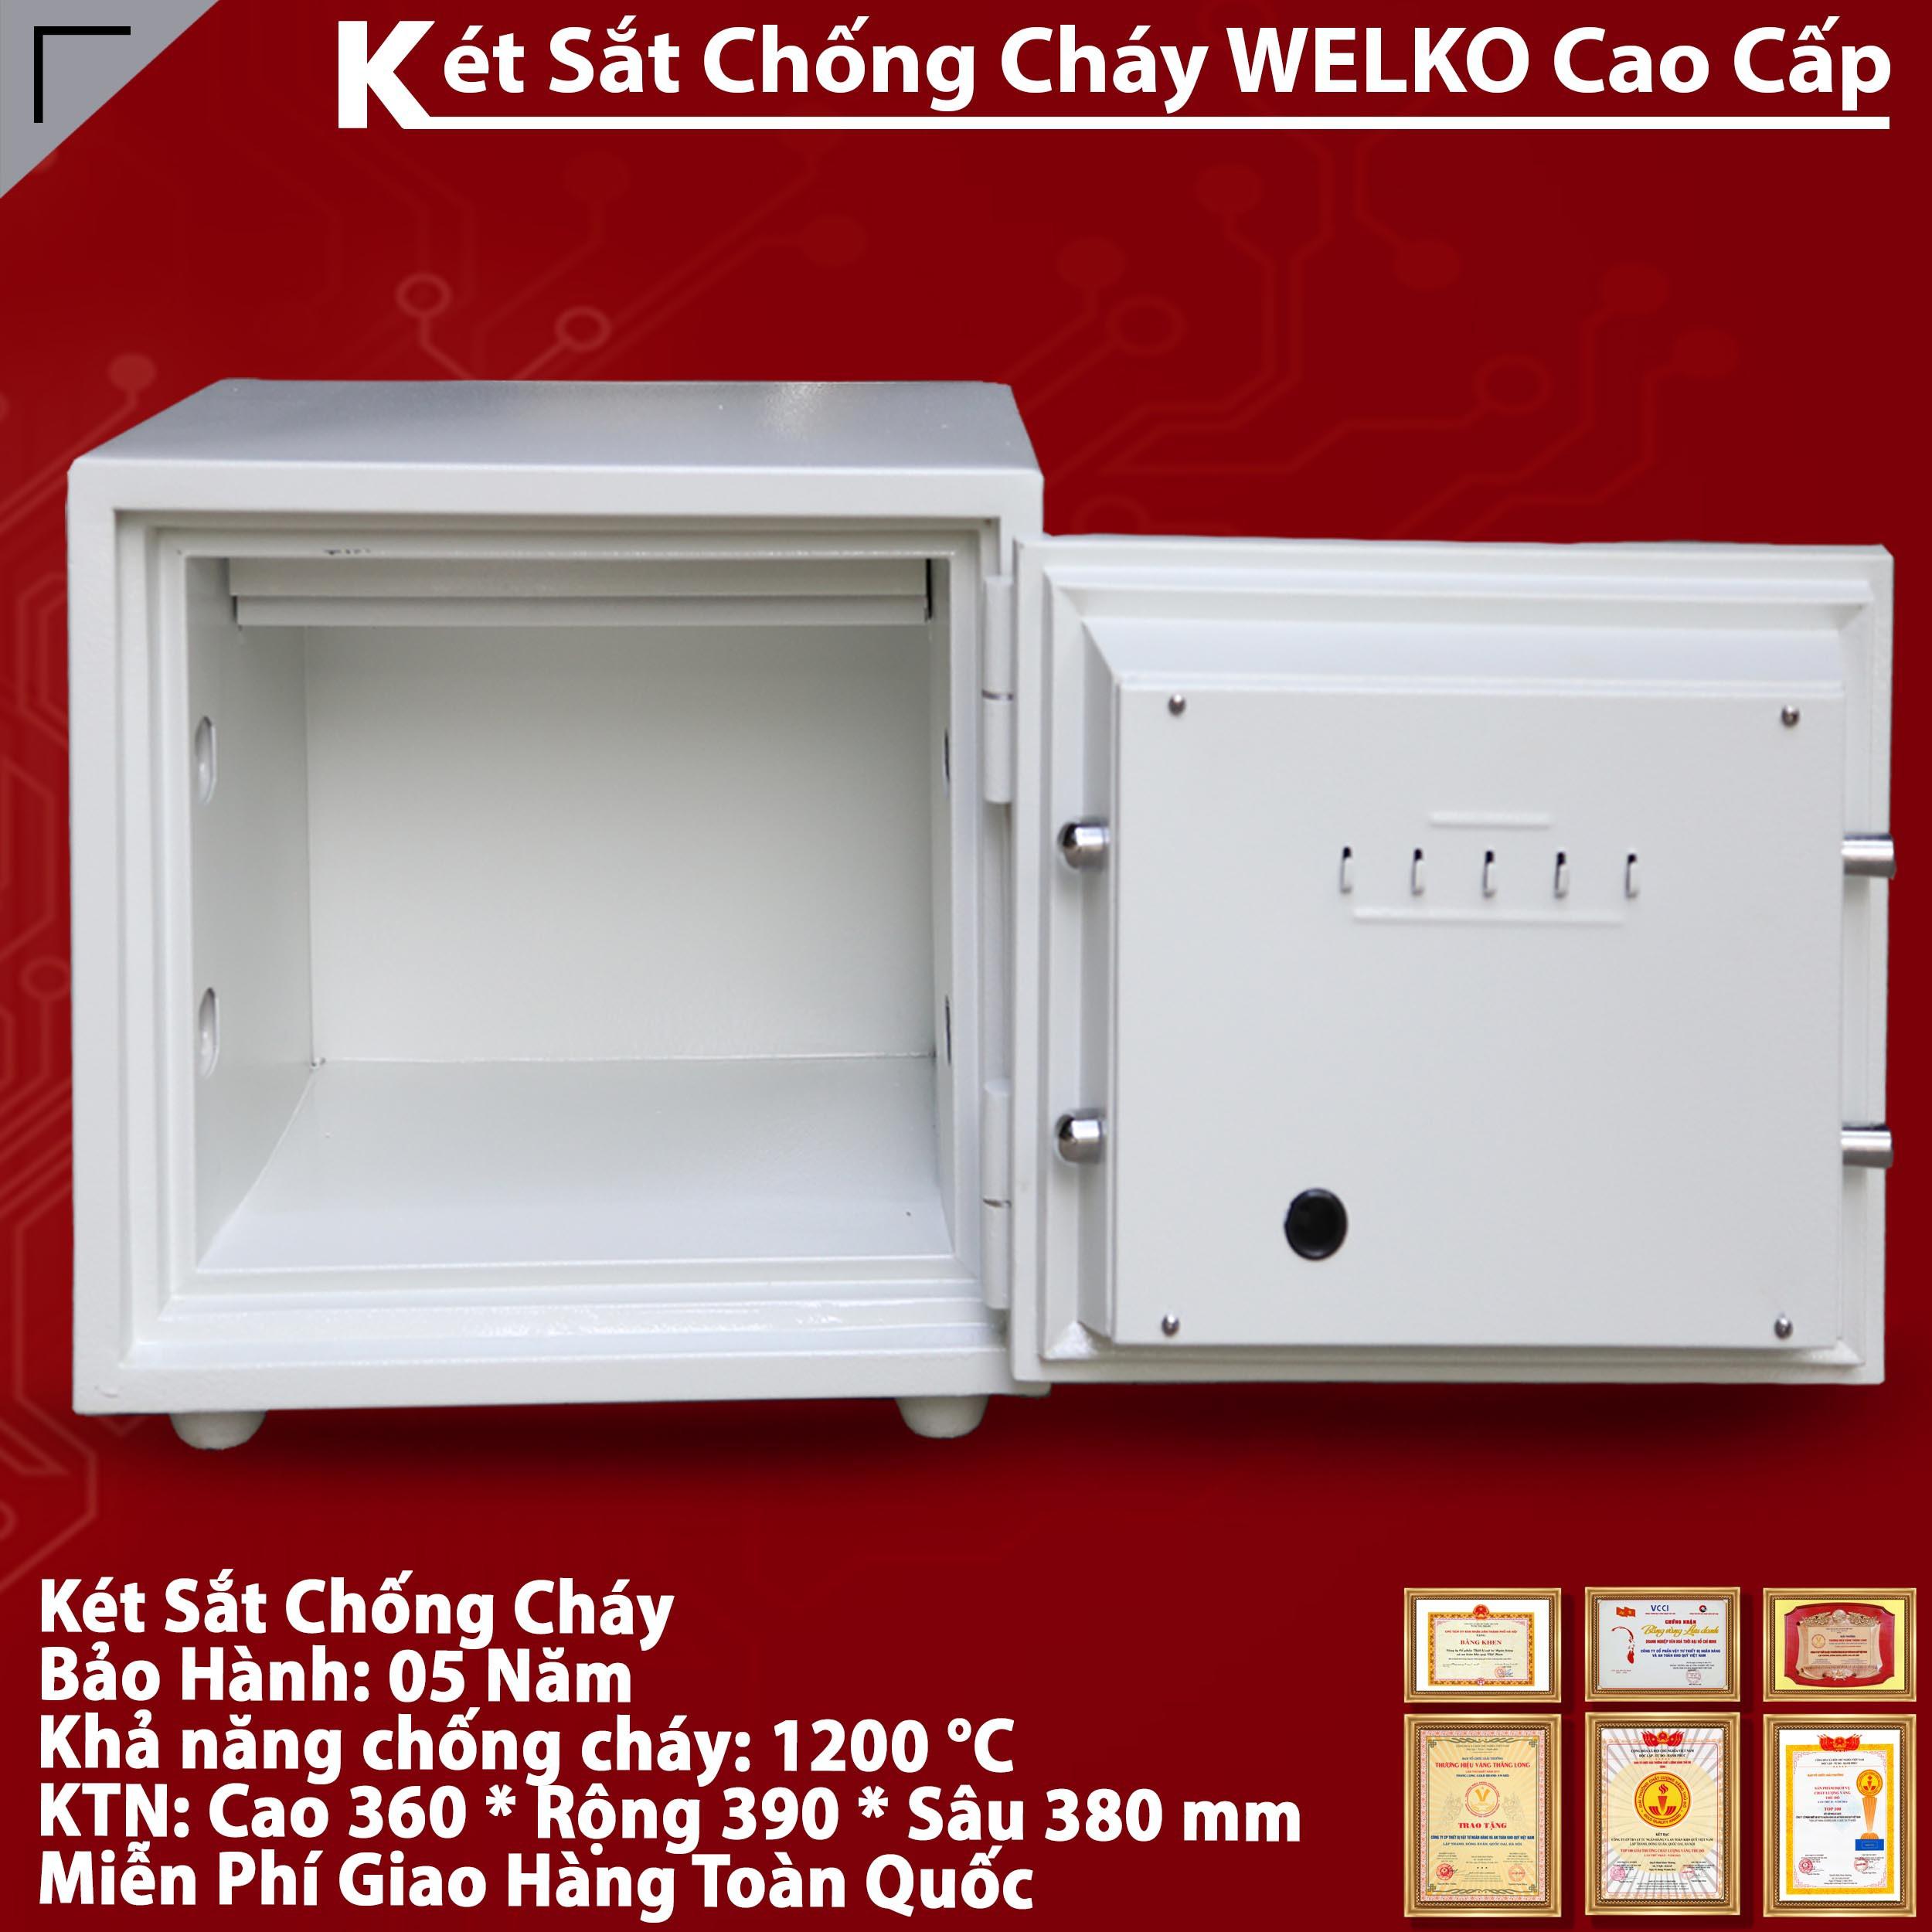 Ket Sat Than Tai Chong Chay